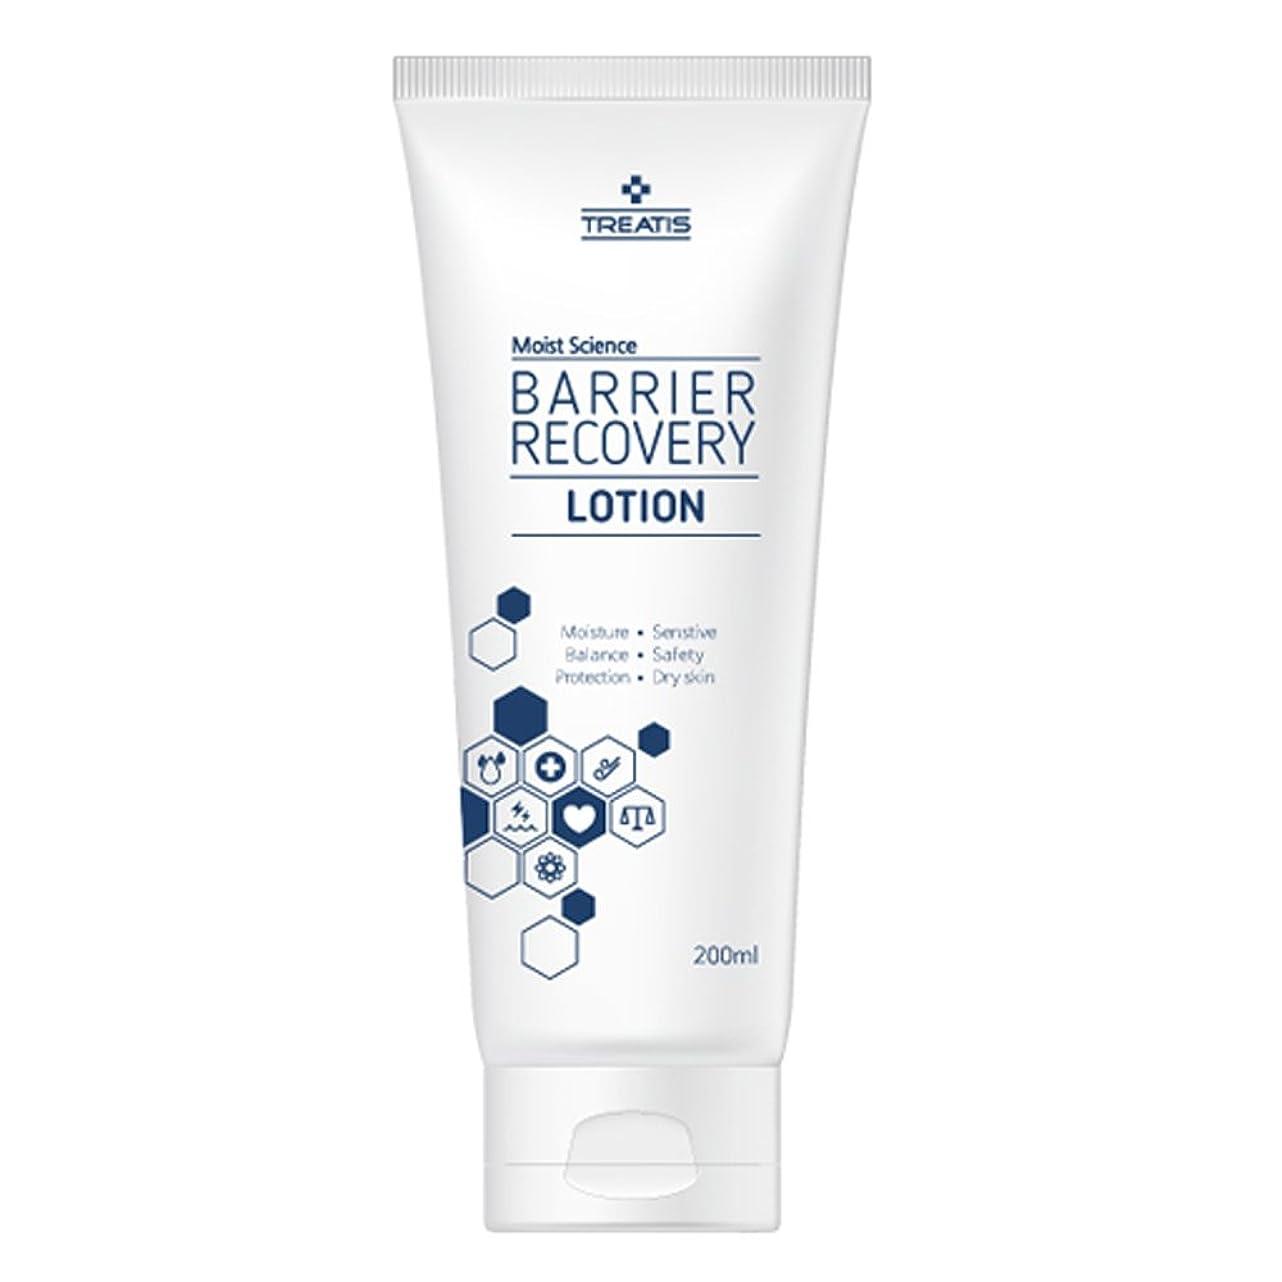 偽物原理懐疑的Treatis barrier recovery lotion 7oz (200ml)/Moisture, Senstive, Balance, Safty, Protection, Dry skin [並行輸入品]